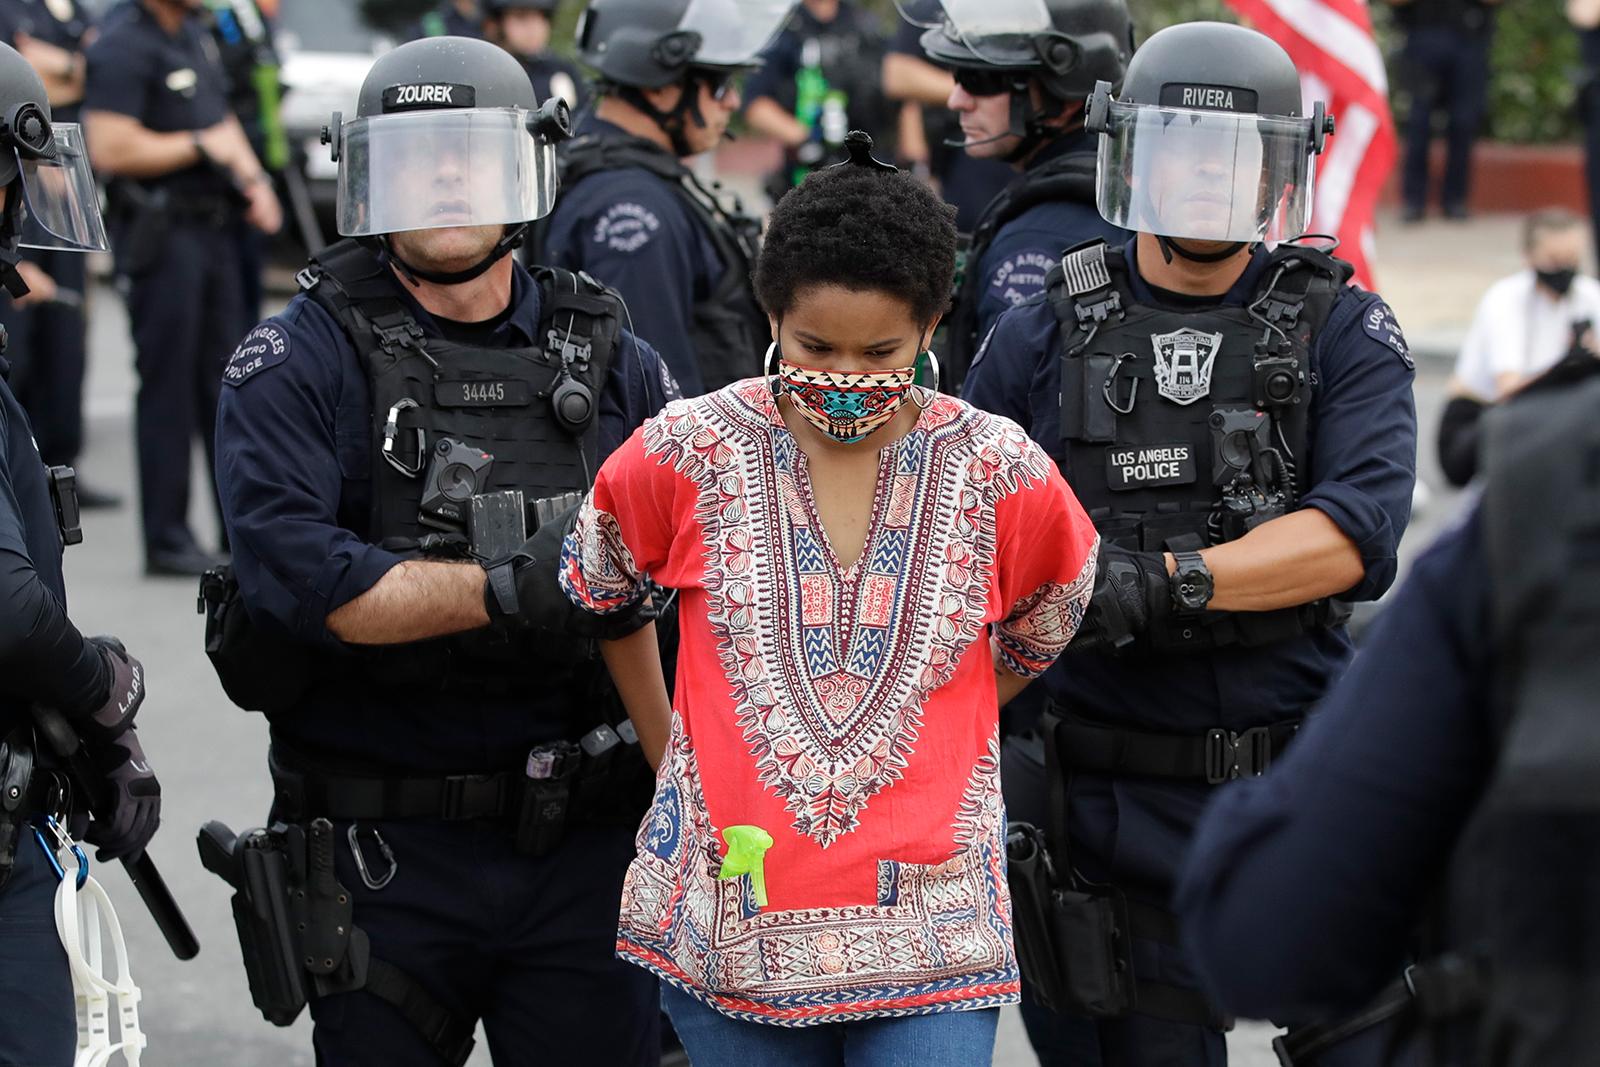 Un manifestante è stato arrestato per aver violato il coprifuoco lunedì 1 giugno nella zona di Hollywood a Los Angeles.